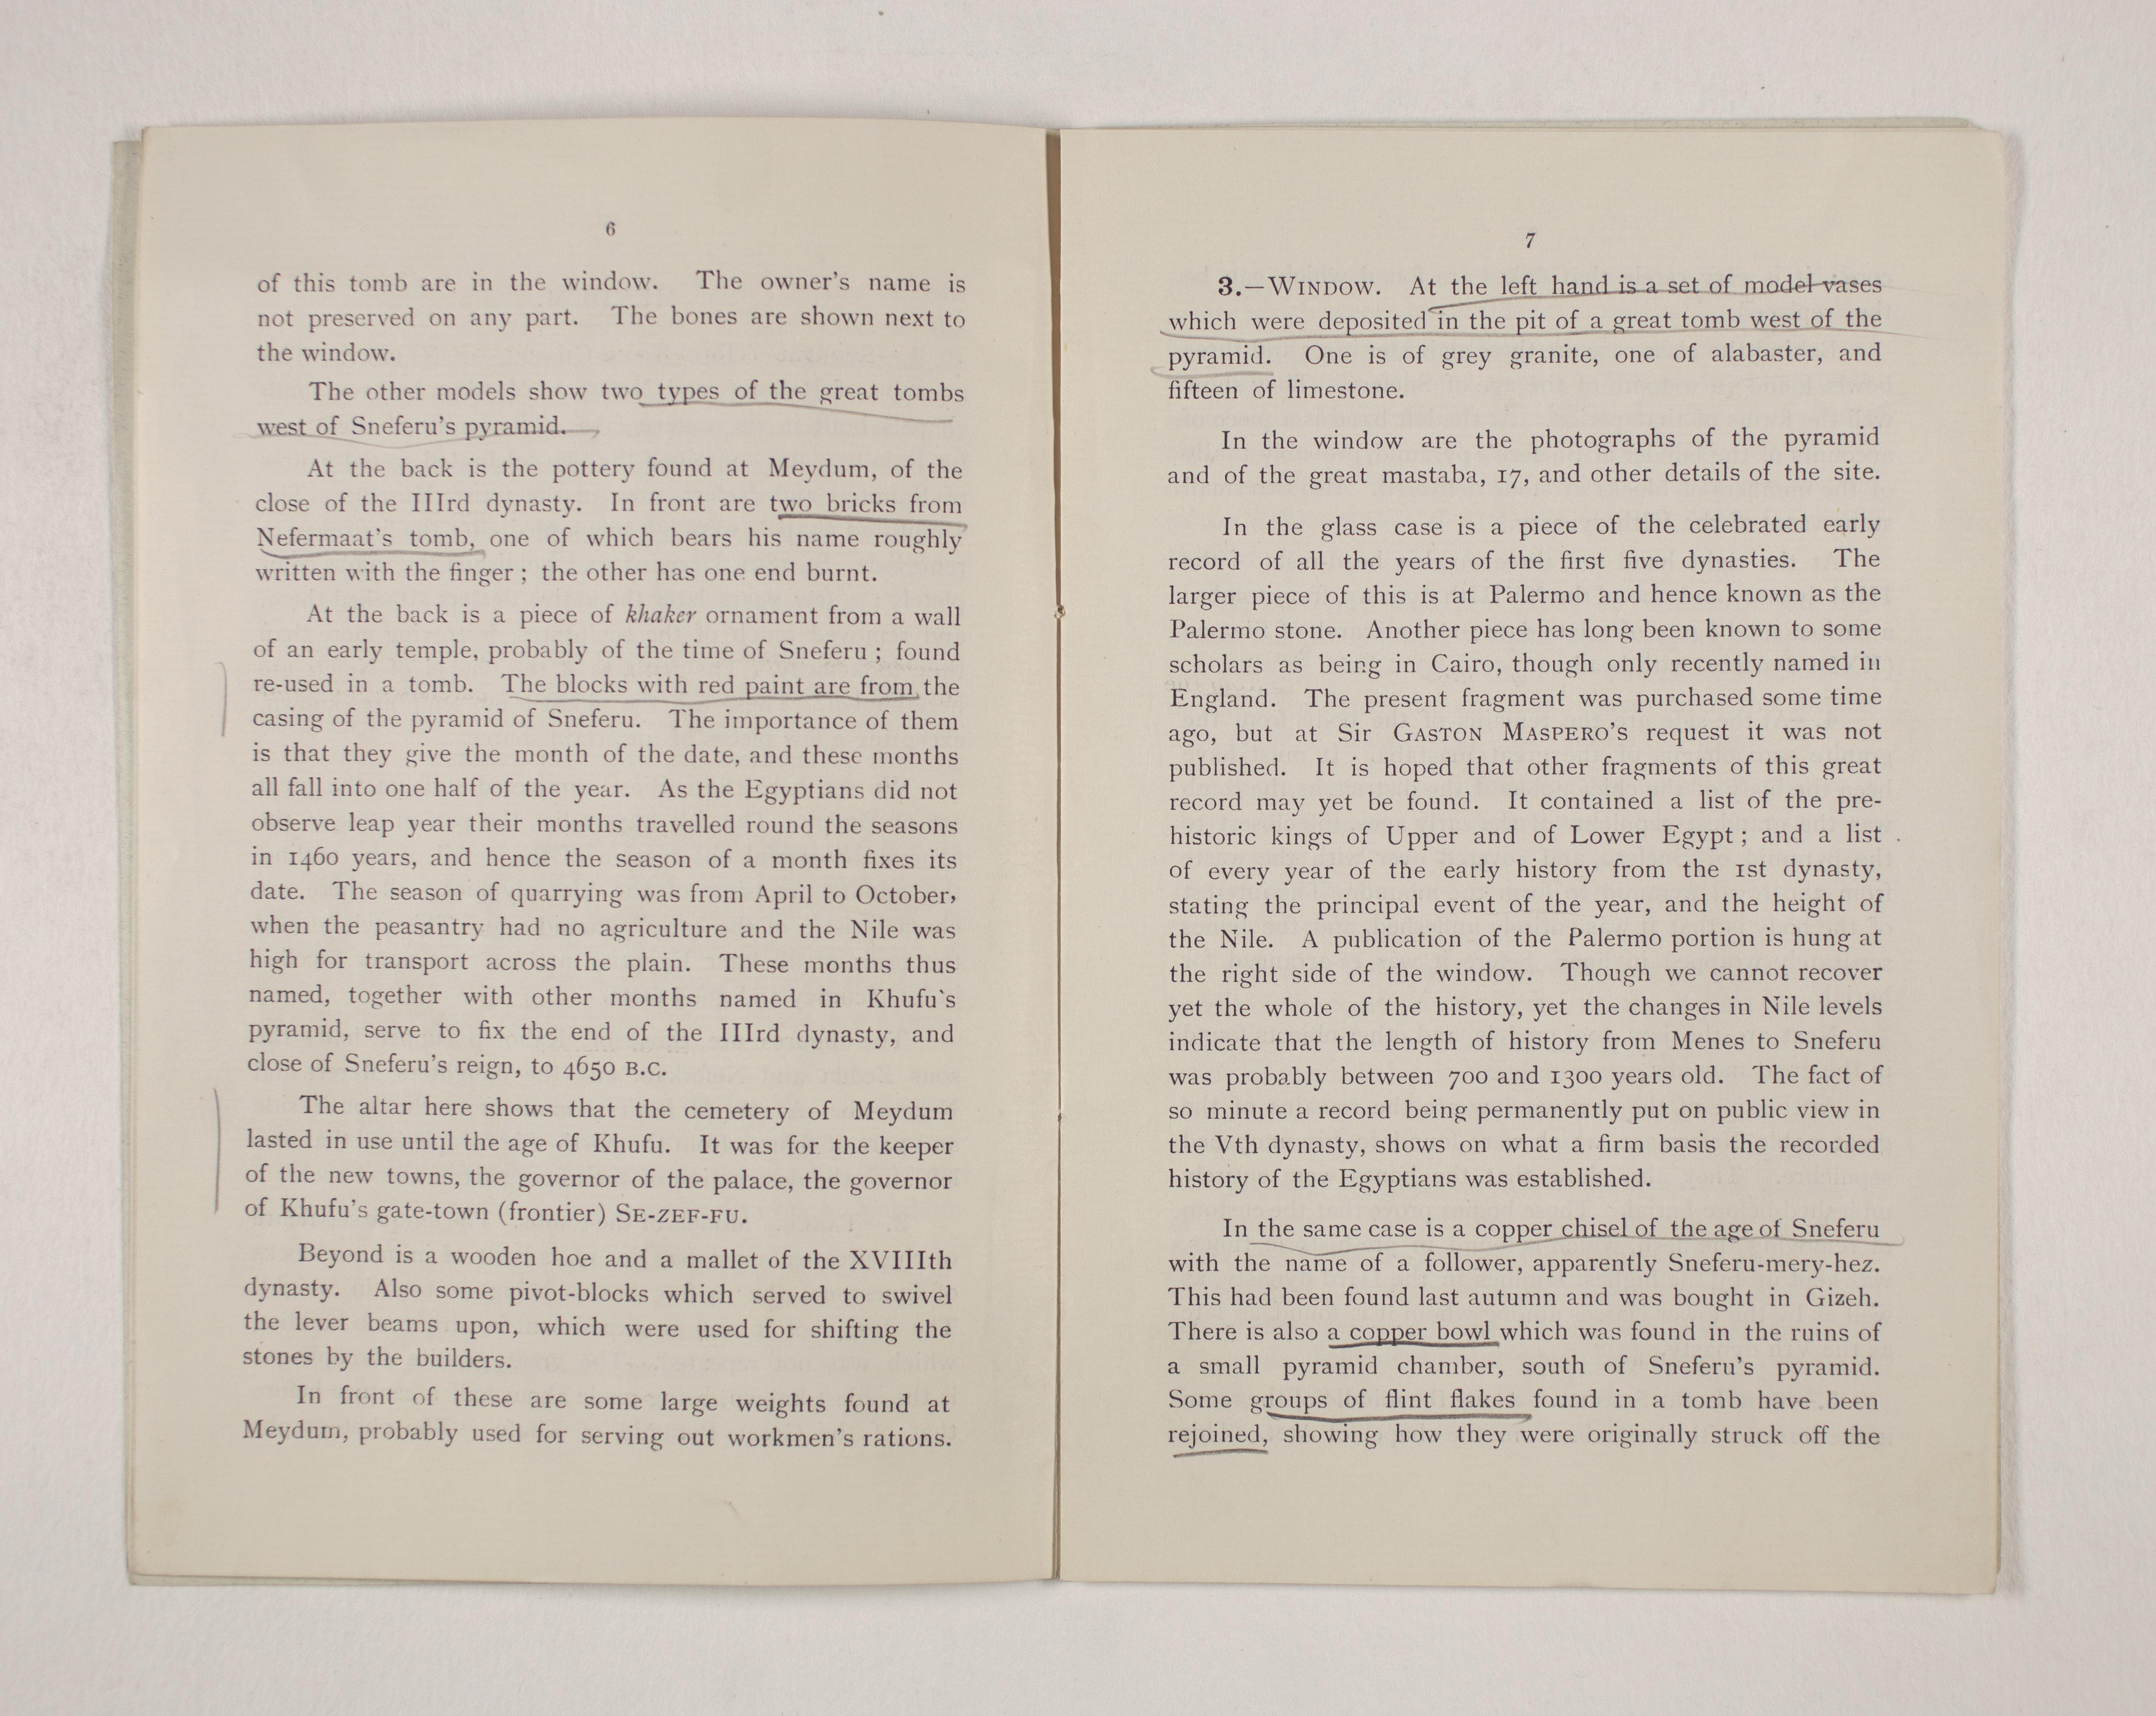 1909-10 Meidum, Memphis Exhibition catalogue PMA/WFP1/D/18/17.5